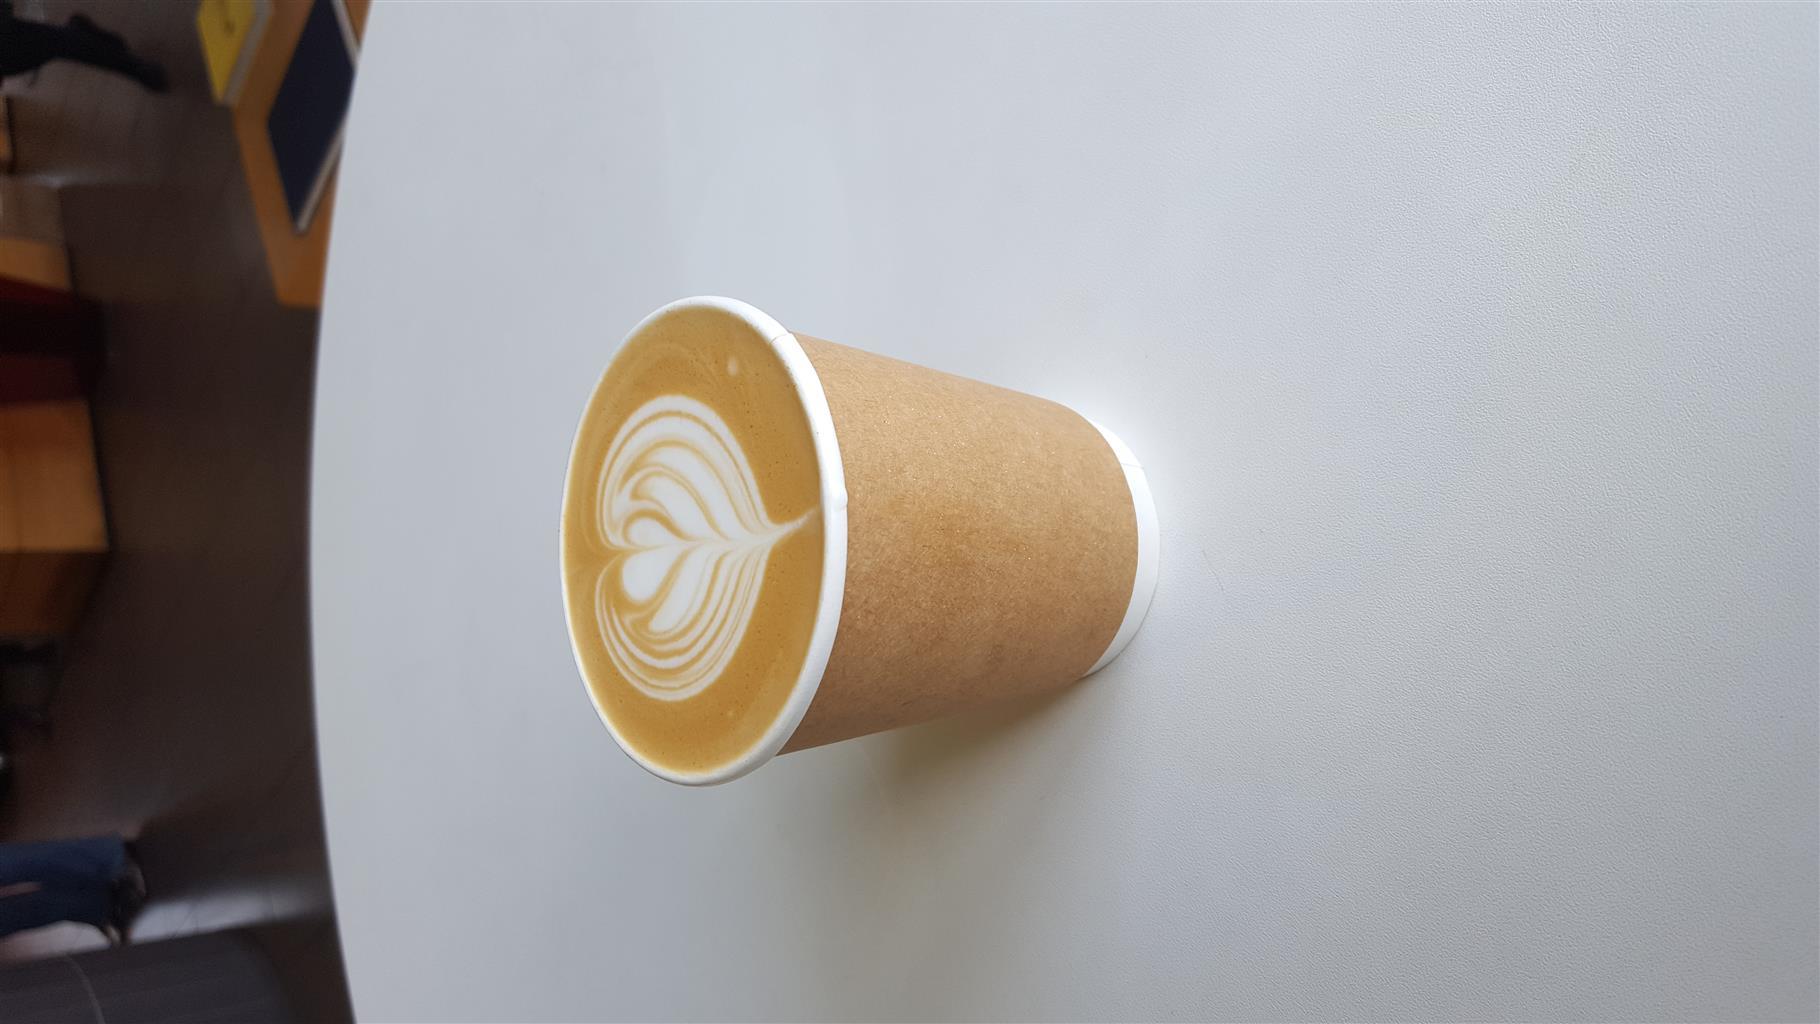 Sean's Coffee